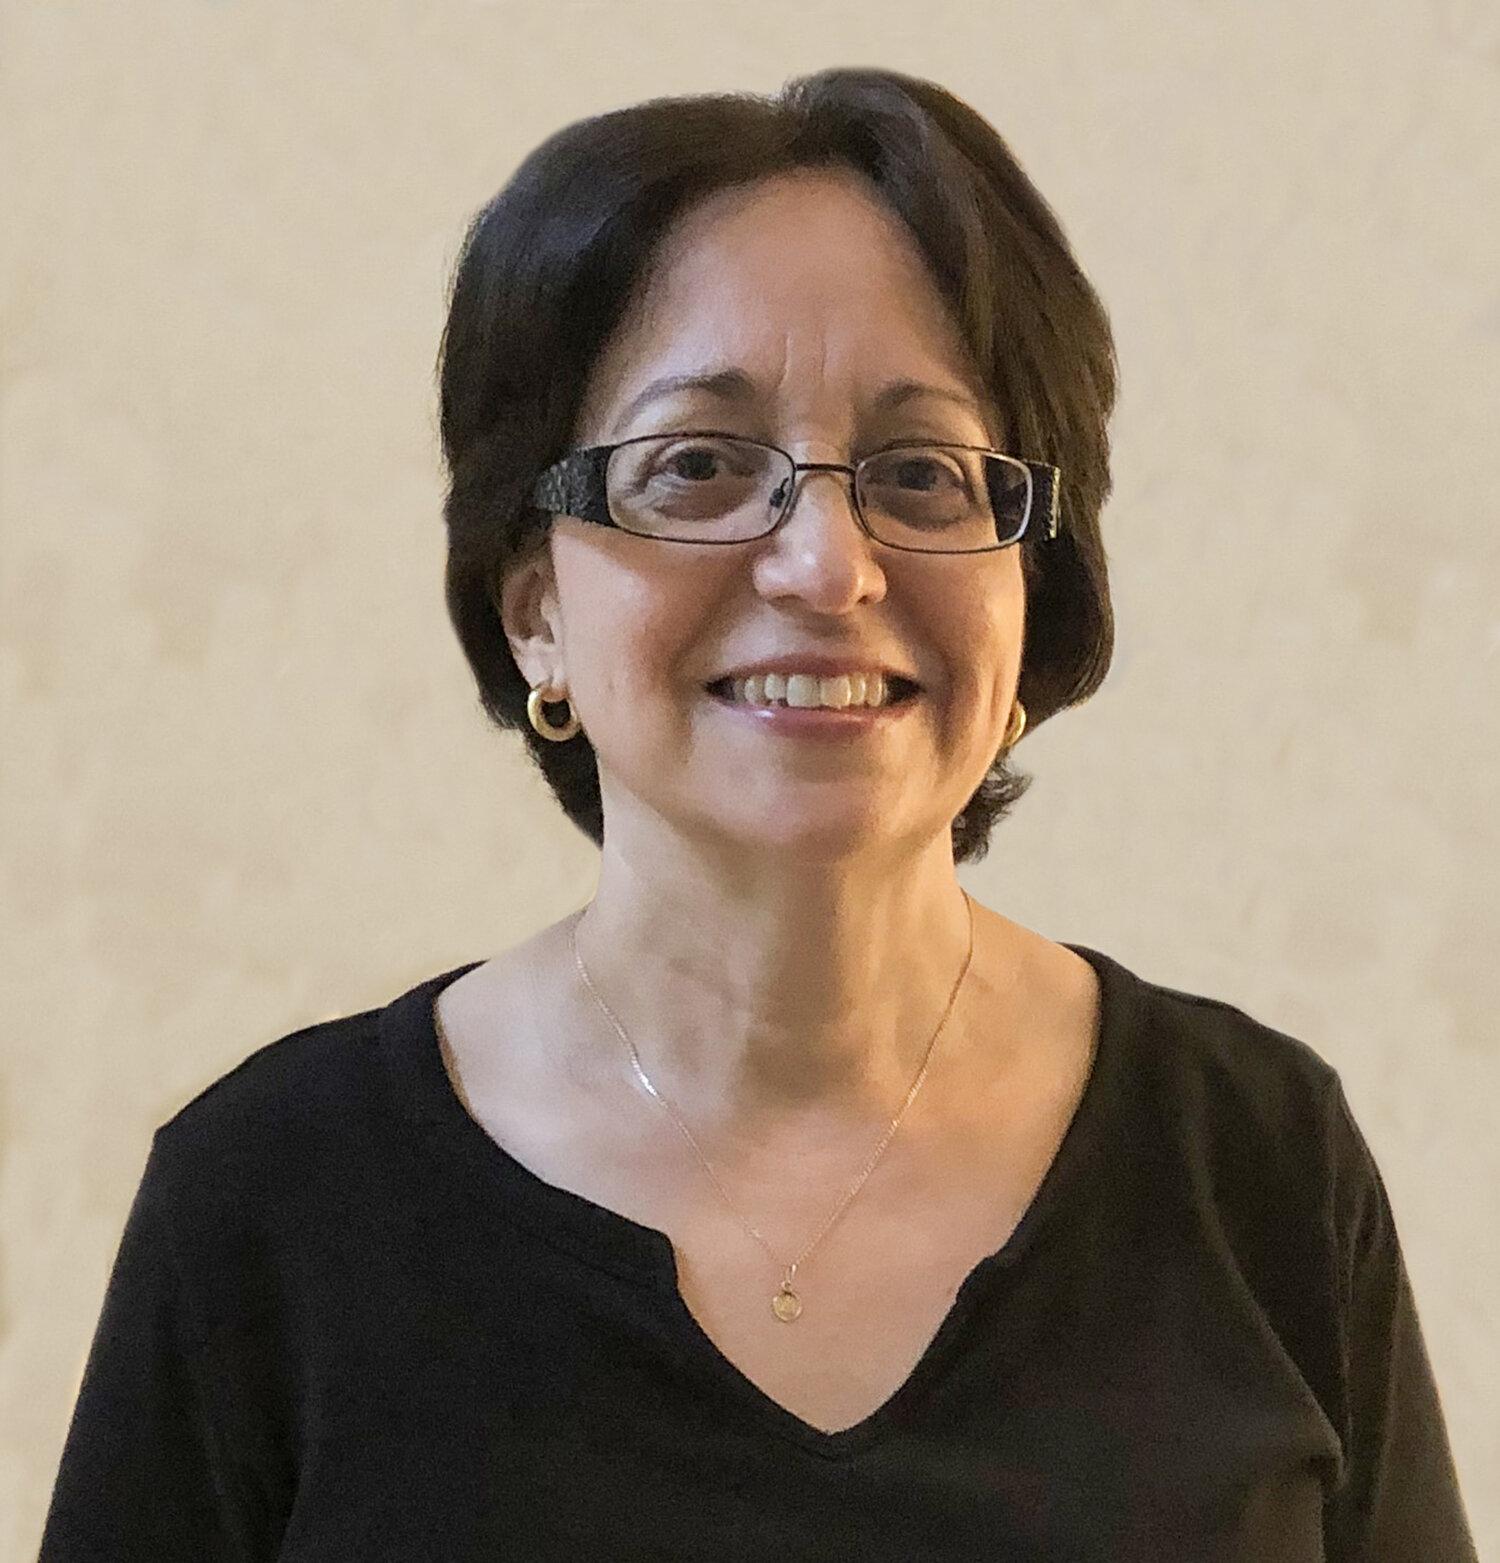 Alina Marin-Bliach